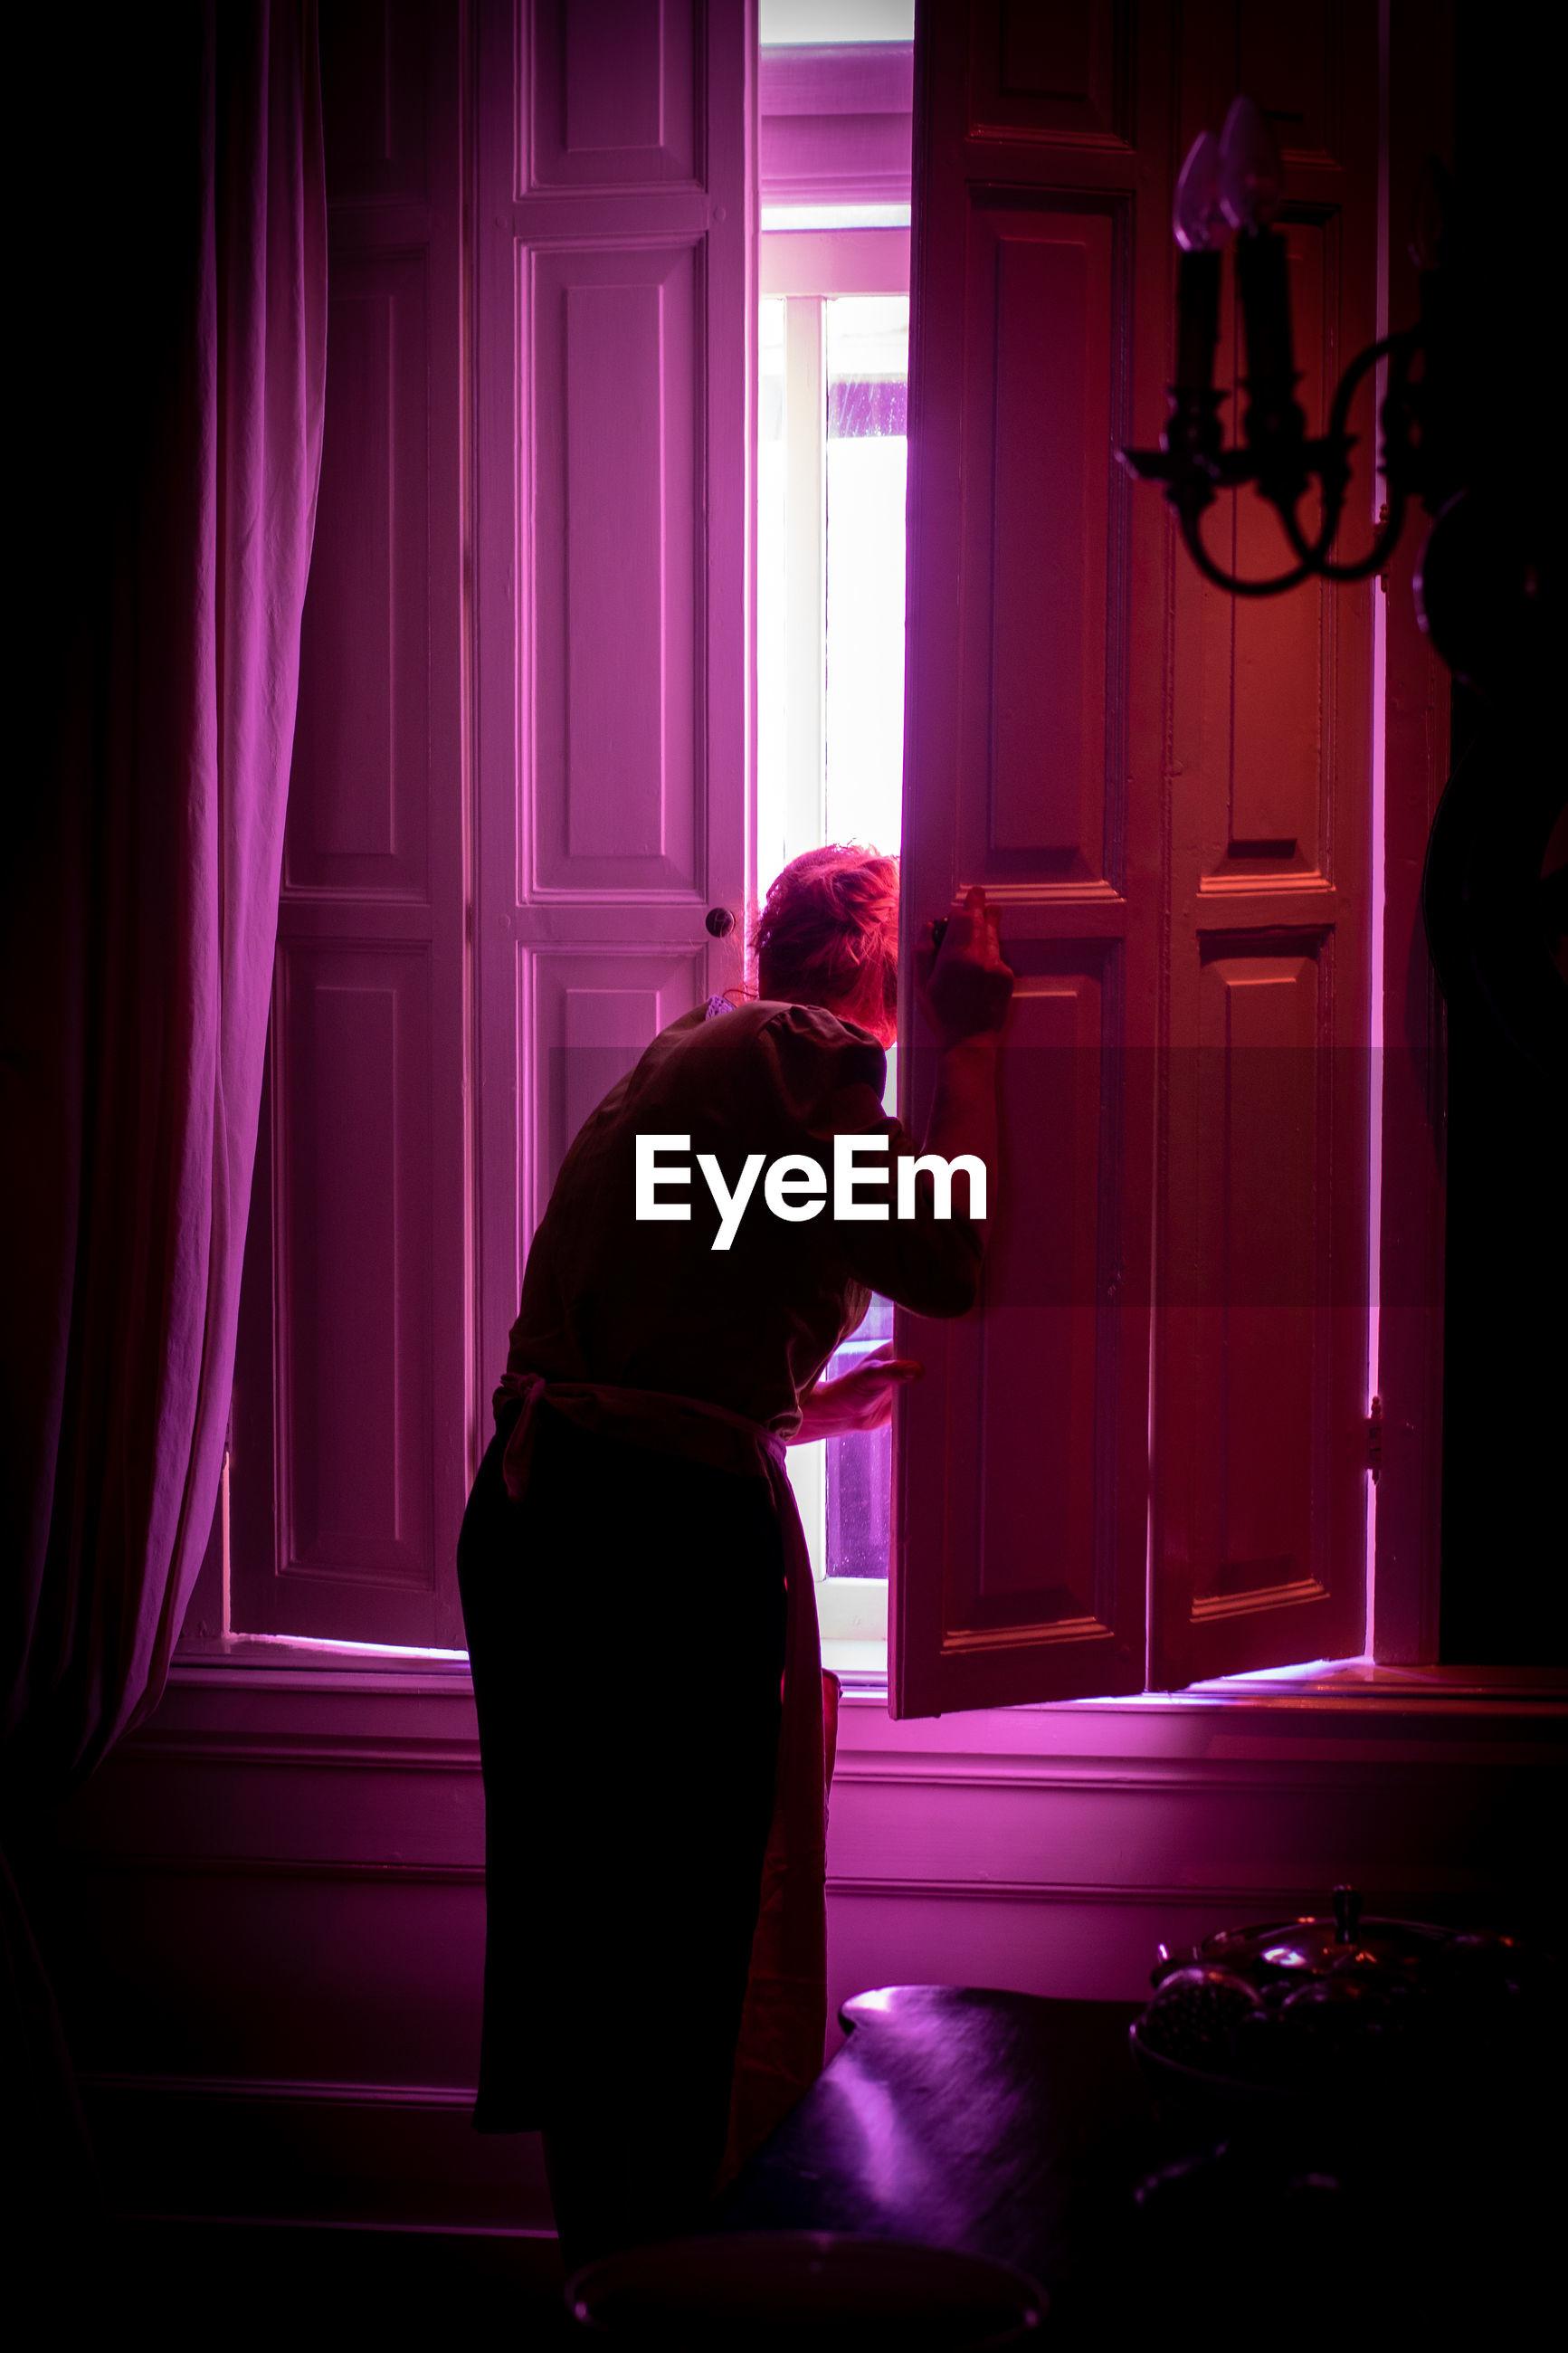 SIDE VIEW OF WOMAN STANDING AGAINST WINDOW IN DARK ROOM